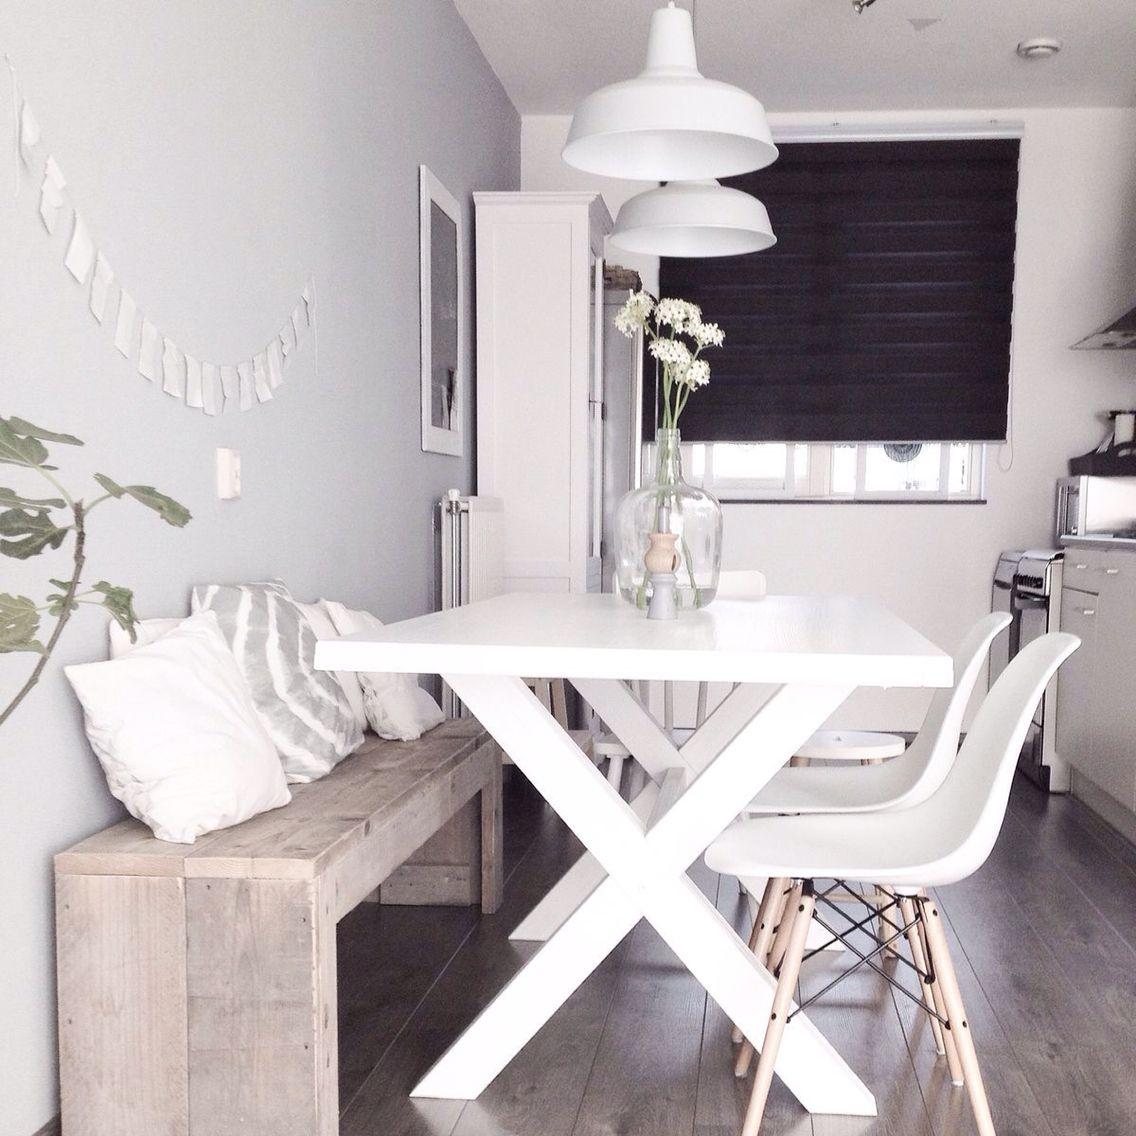 Un Banc Dans La Cuisine Salle D Co Maison Et Int Rieur # Banc De Table Blanc